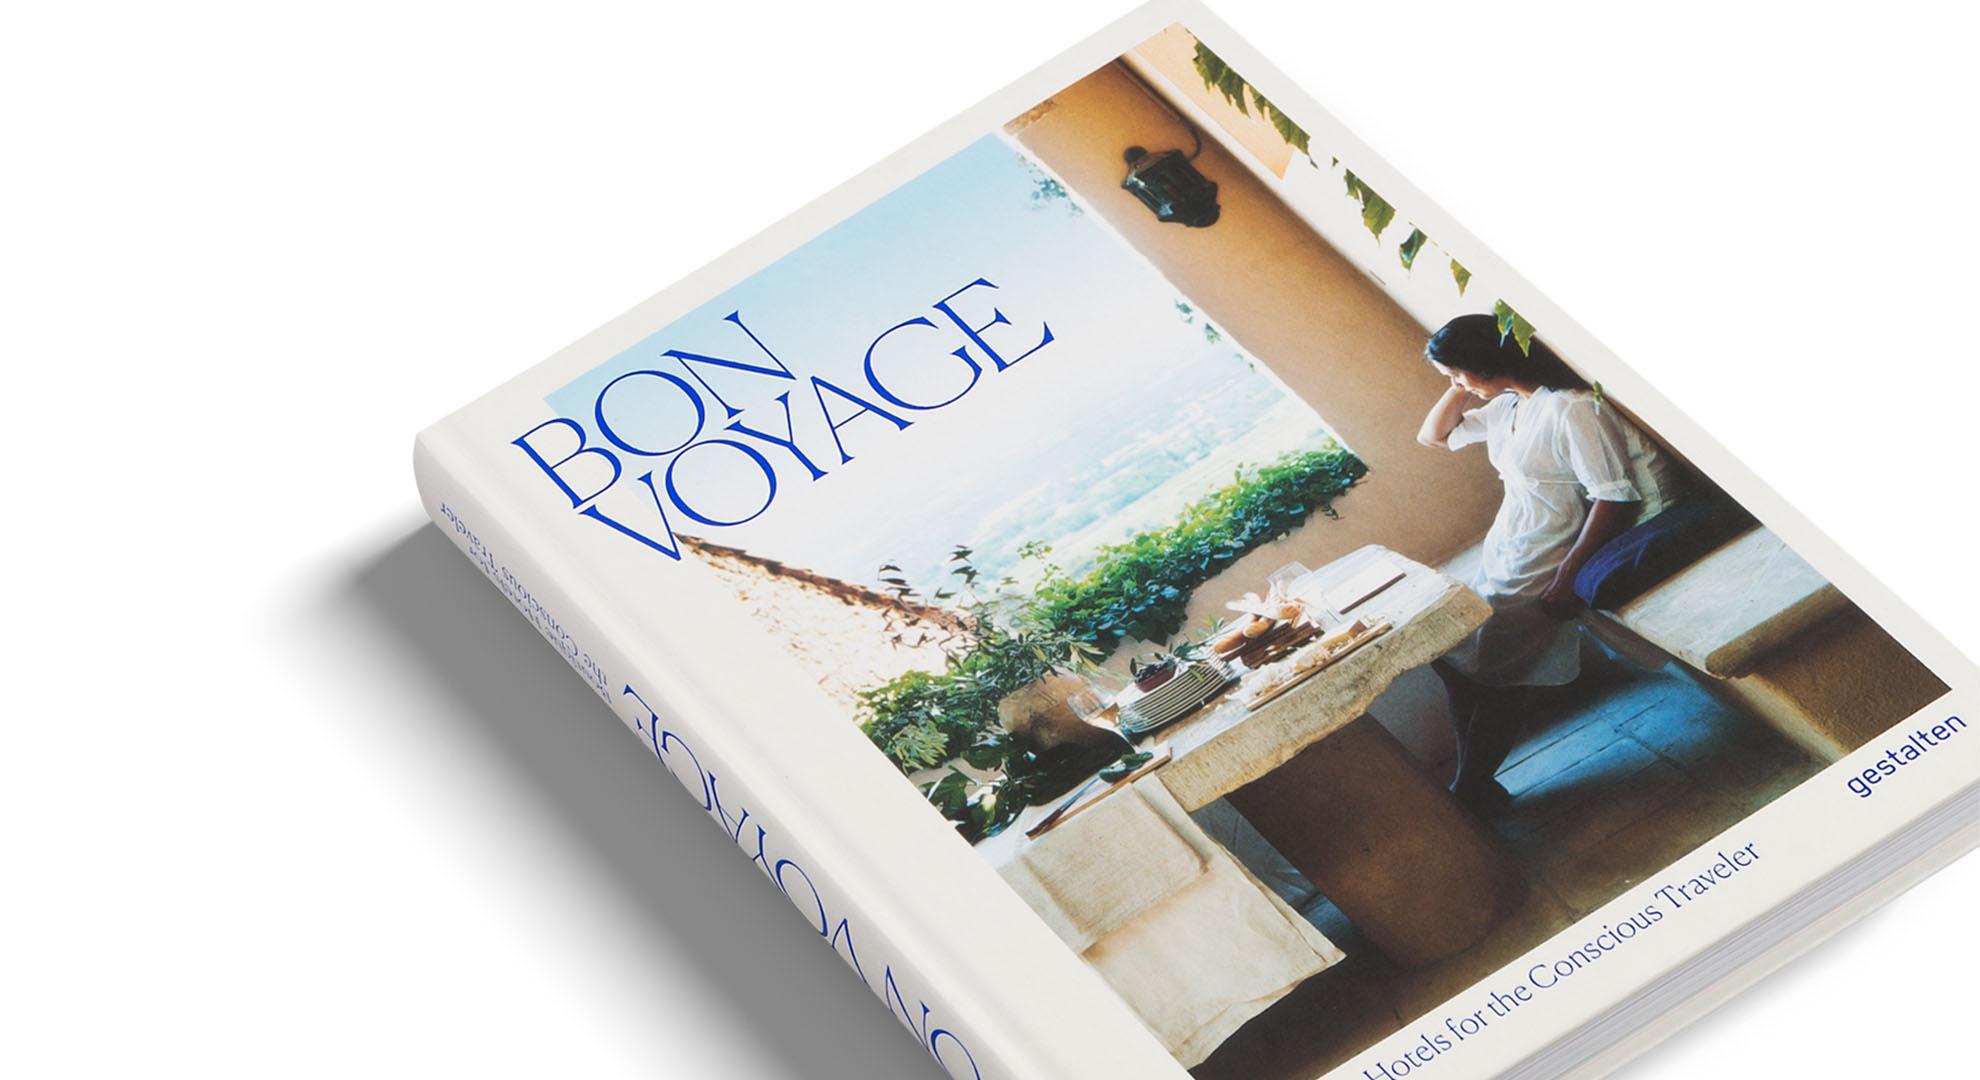 Book: Bon Voyage